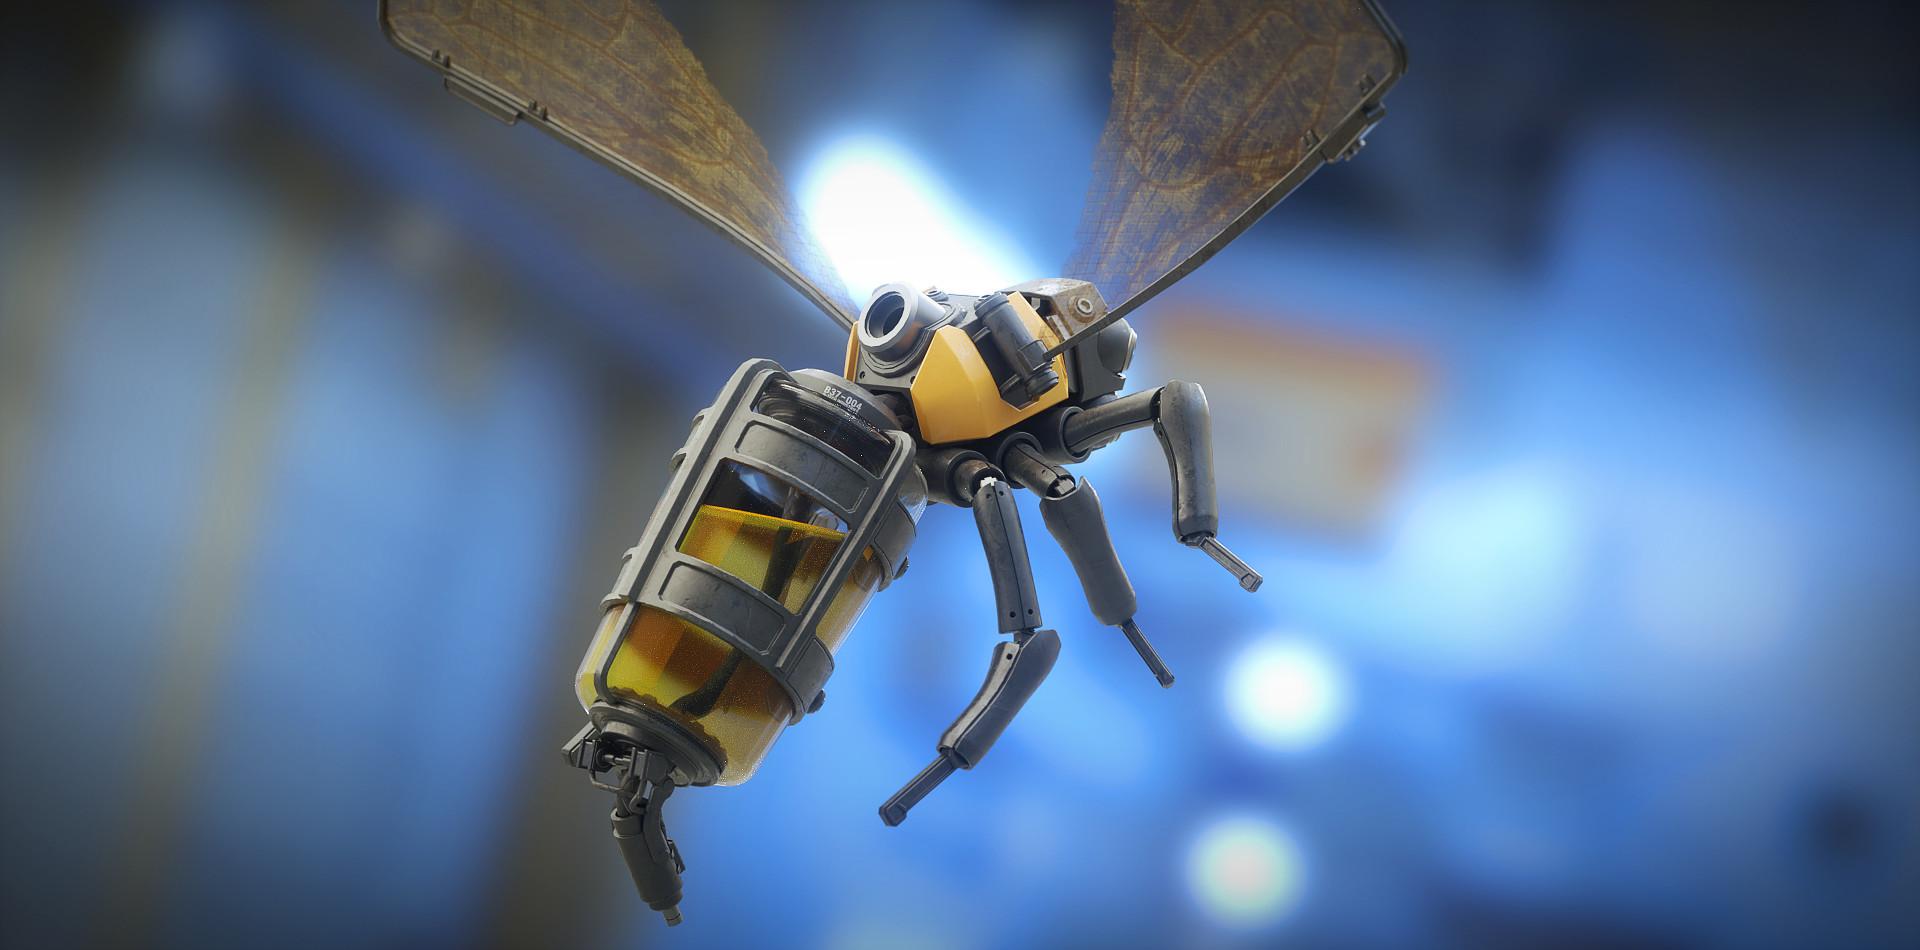 Mathew o bee 2